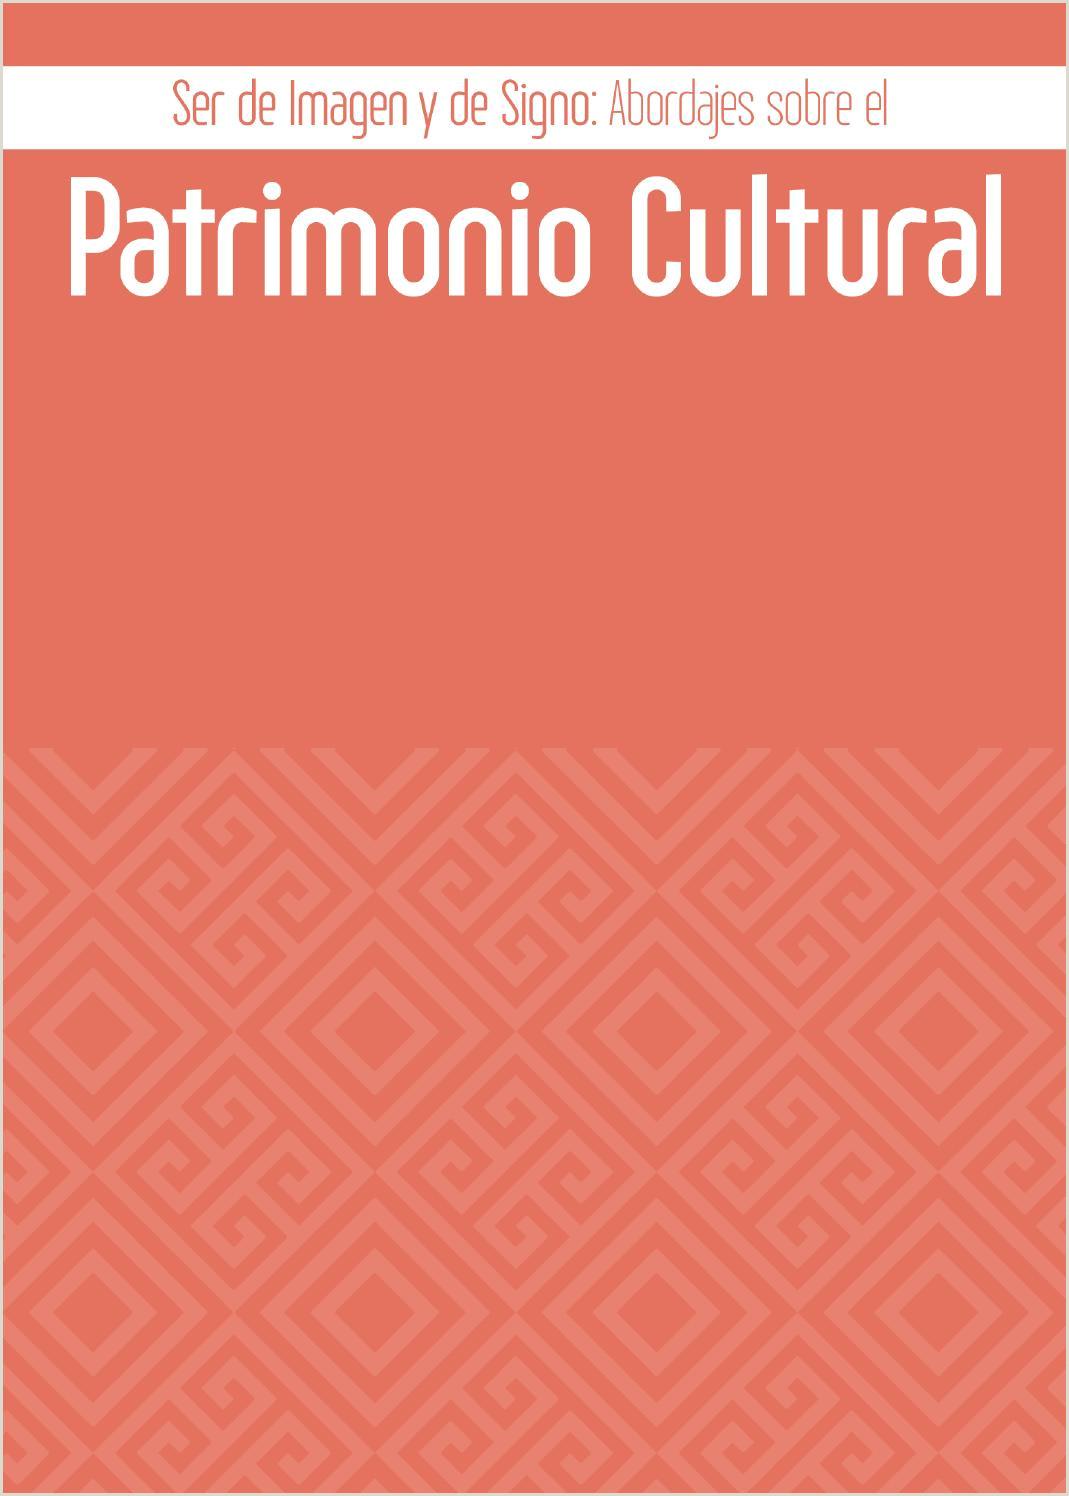 Currículo Simples E Objetivo Ser De Imagen Y De Signos Abordajes Del Patrimonio Cultural